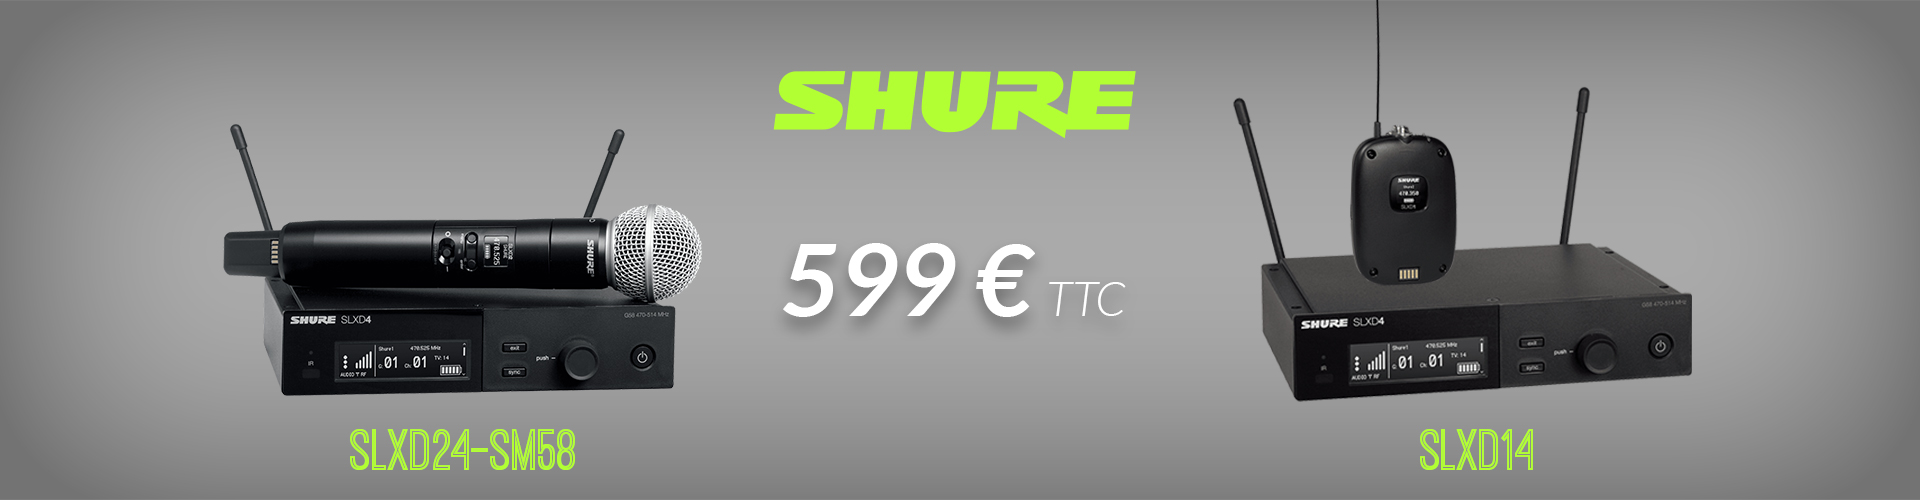 Remise Shure SLXD